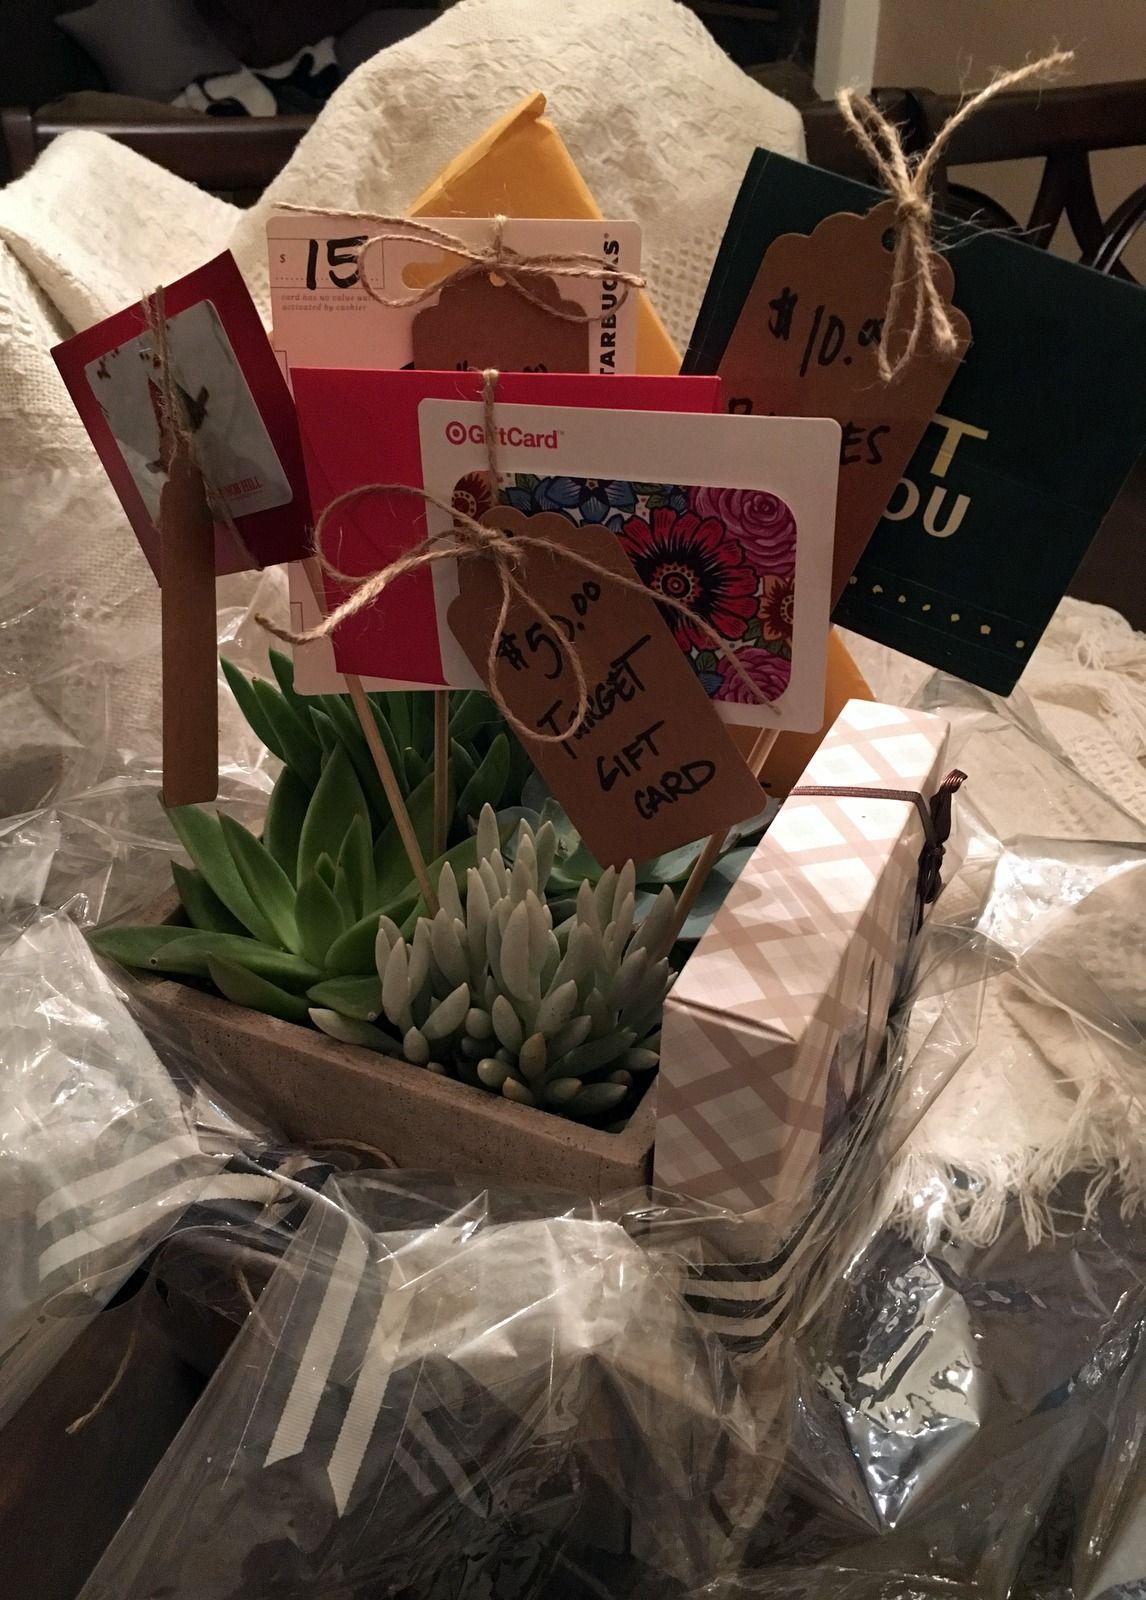 Image result for target gift card basket target gift